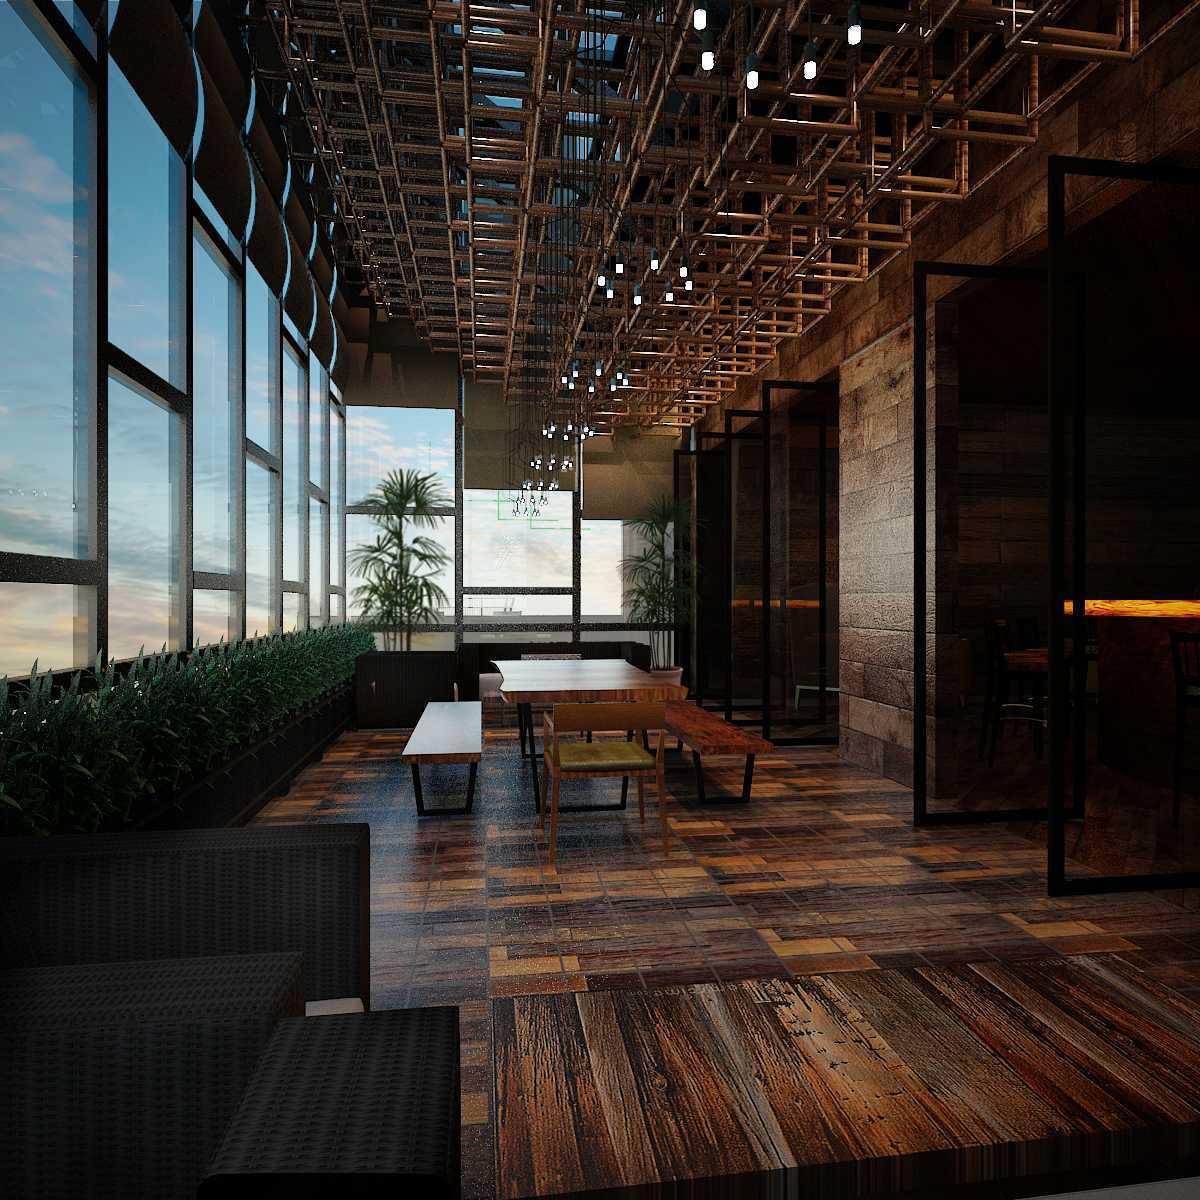 Pt Alradista Desain Indonesia Camar Lounge Pantai Indah Kapuk Pantai Indah Kapuk Seating Area  24236